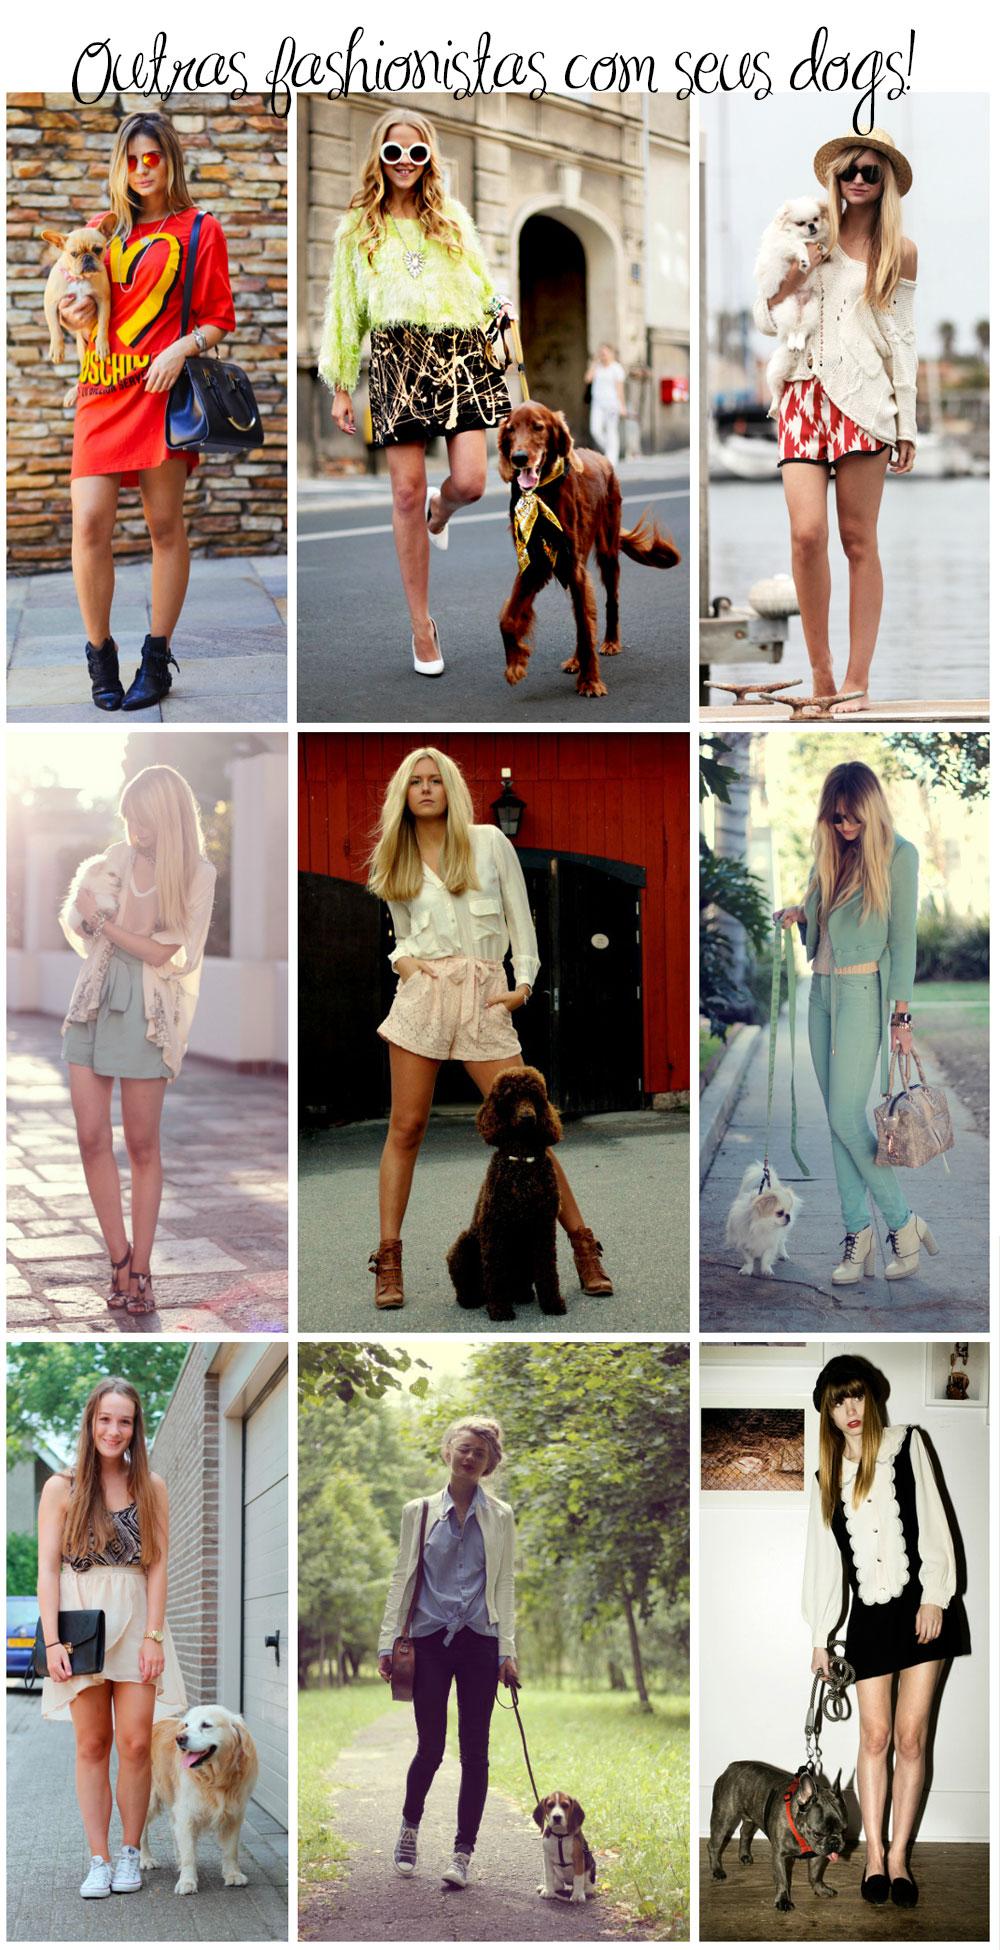 dani-garlet_luisa-derner_bloggers-e-seus-dogs_pets_cachorros_animais_blogueiras_matilda_pepa_chiara_chuck